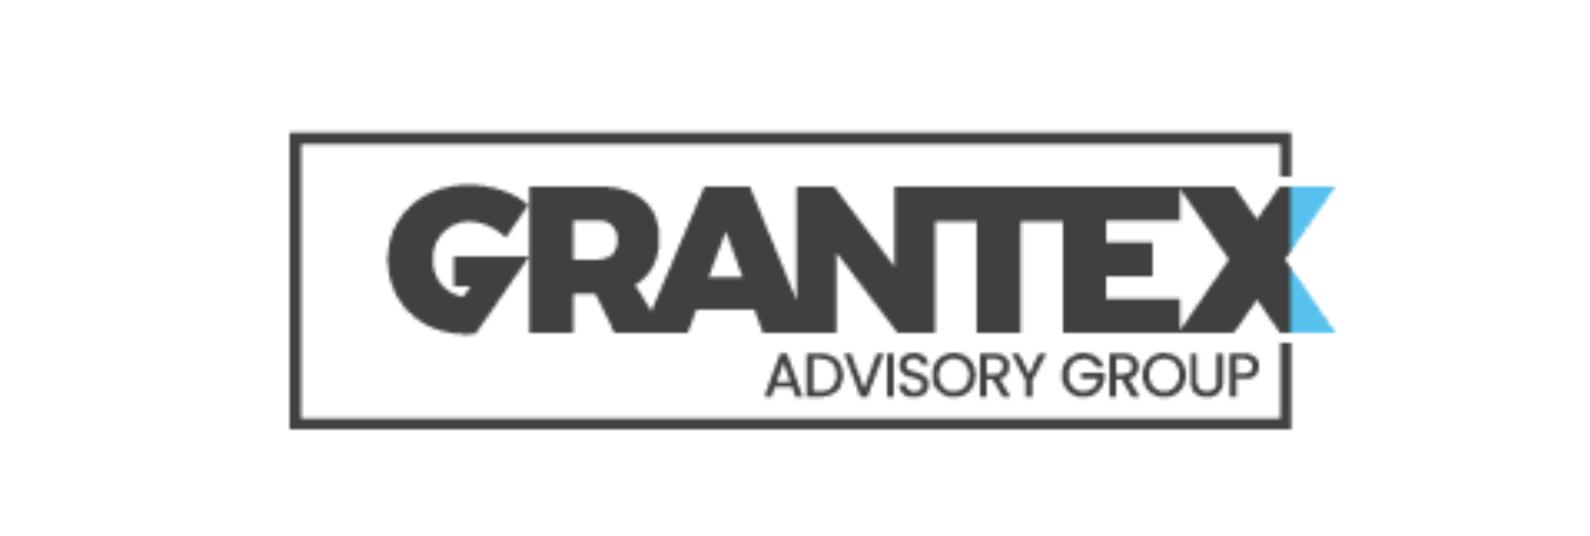 grantex-logo